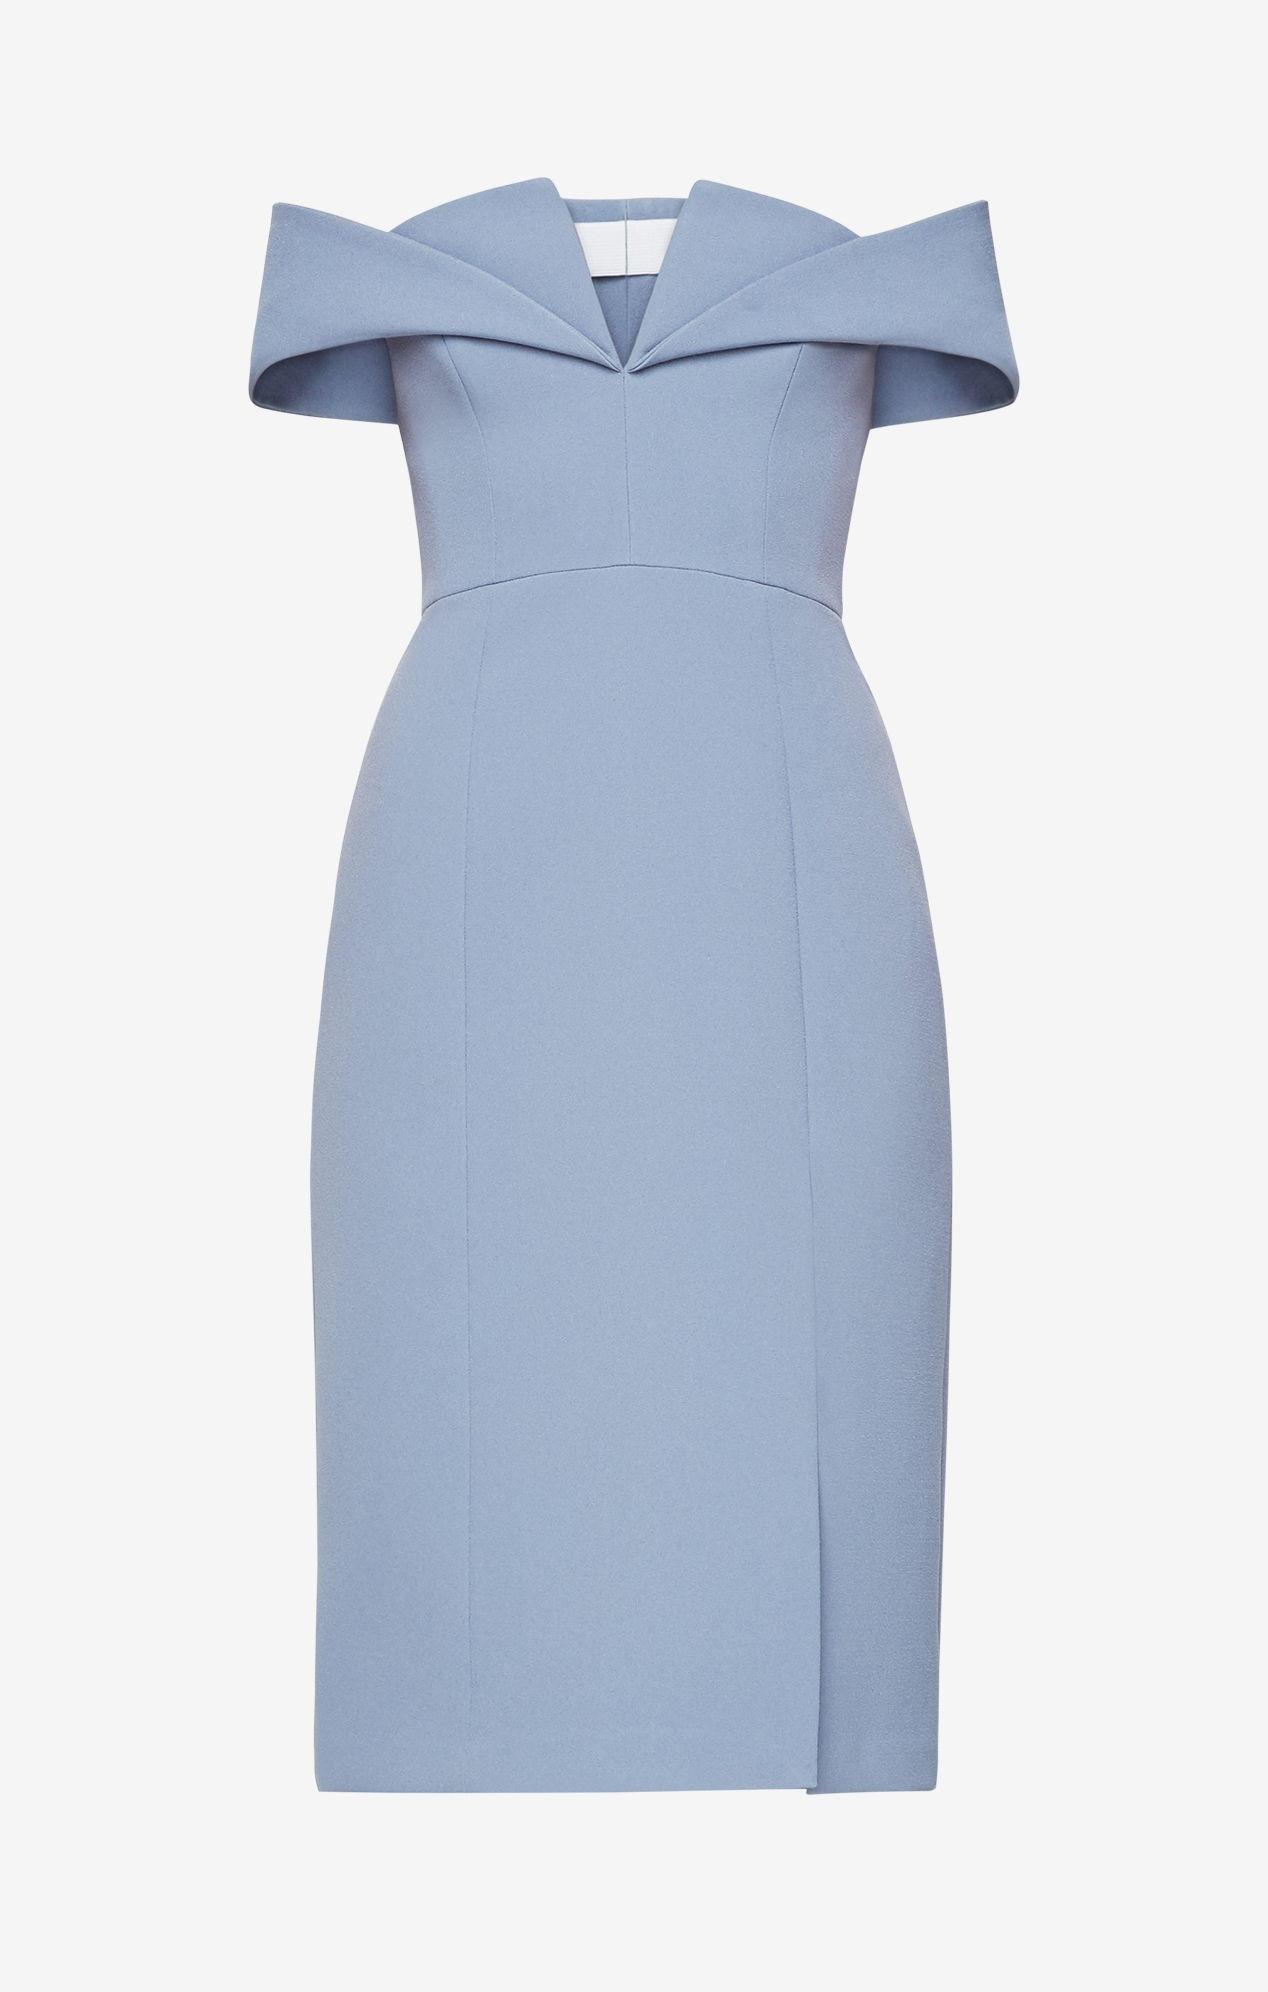 20 Coolste Gelbes Festliches Kleid Bester PreisAbend Schön Gelbes Festliches Kleid Galerie